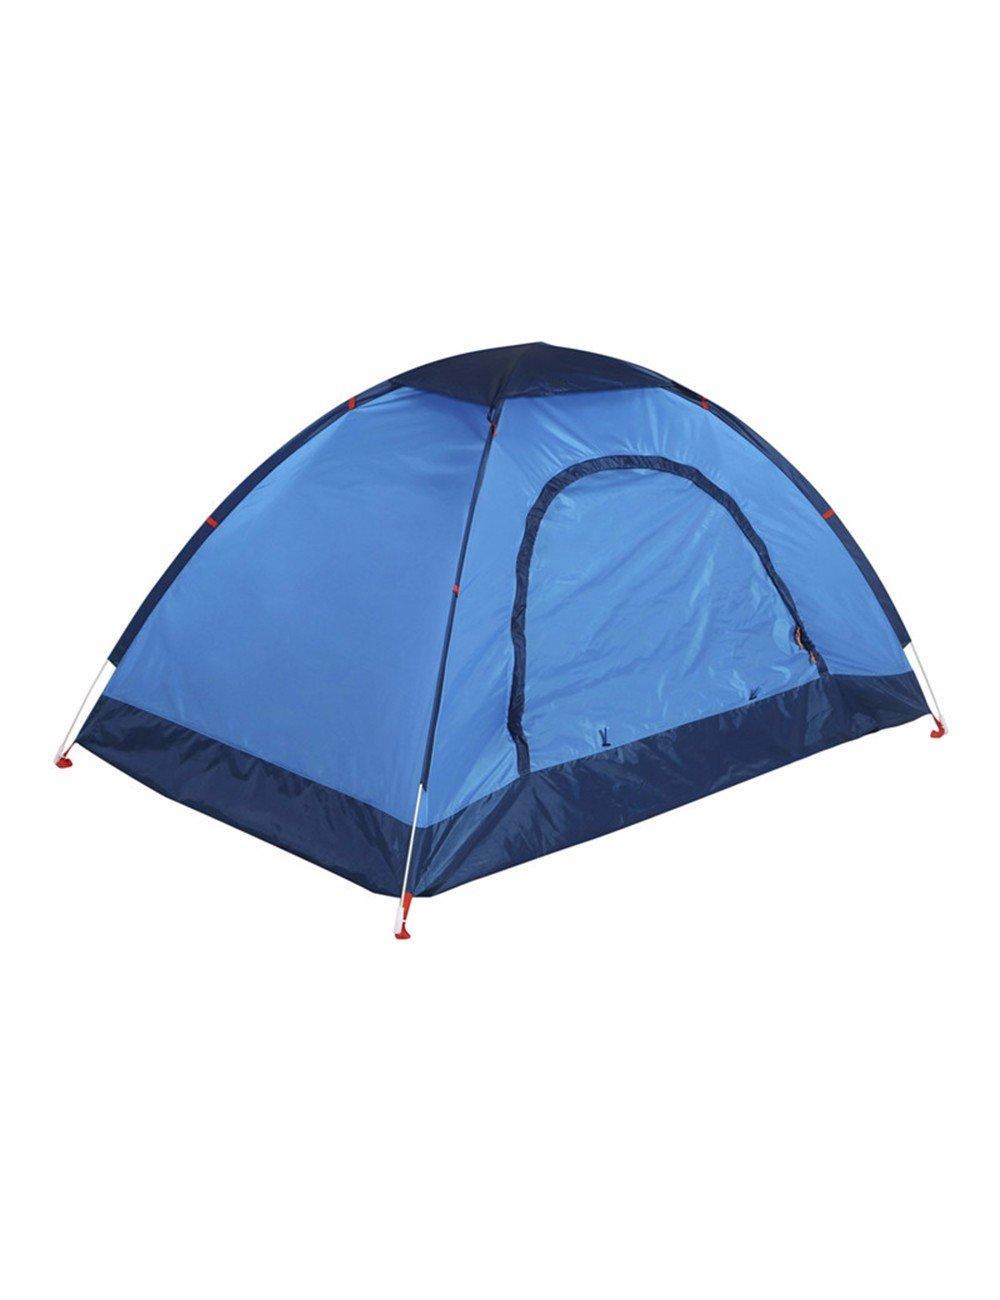 SJQKA-Zelt Outdoor 2-3 Personen, Single Level Posting, Campingausrüstung, das Camp ist voll automatische Abwerfen,